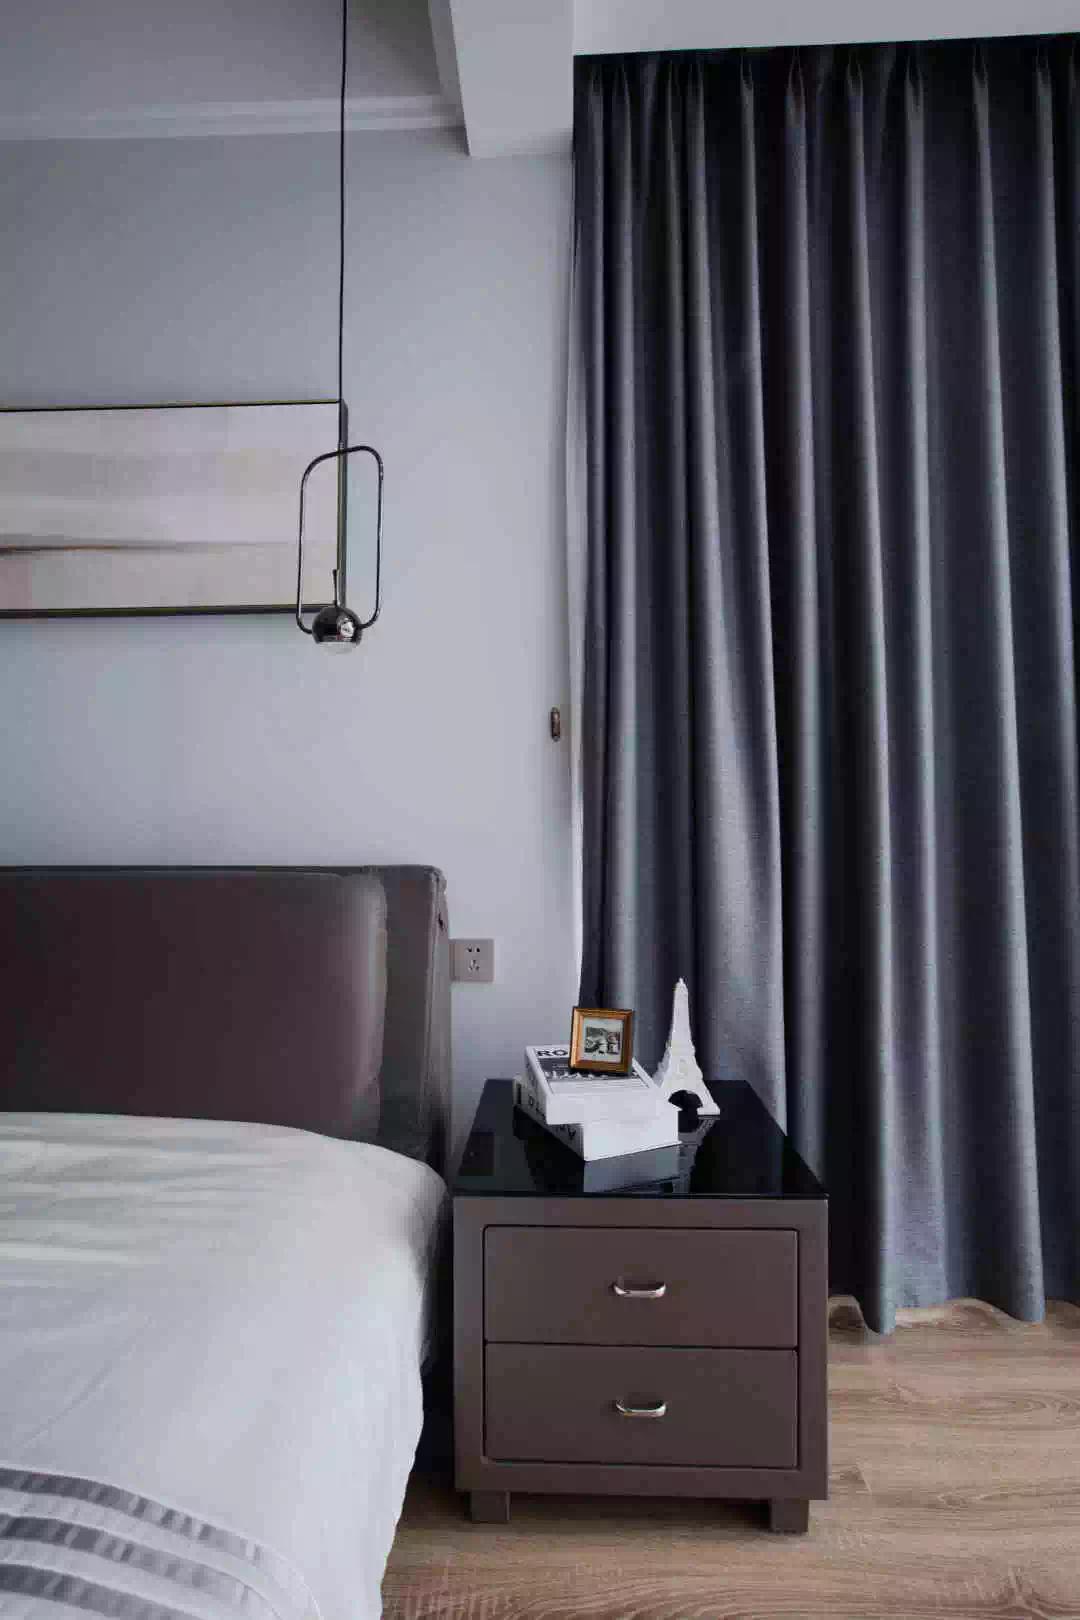 设计师各色彩的巧妙搭配,打造室内家居高级感 色彩搭配 装修 高级感 第18张